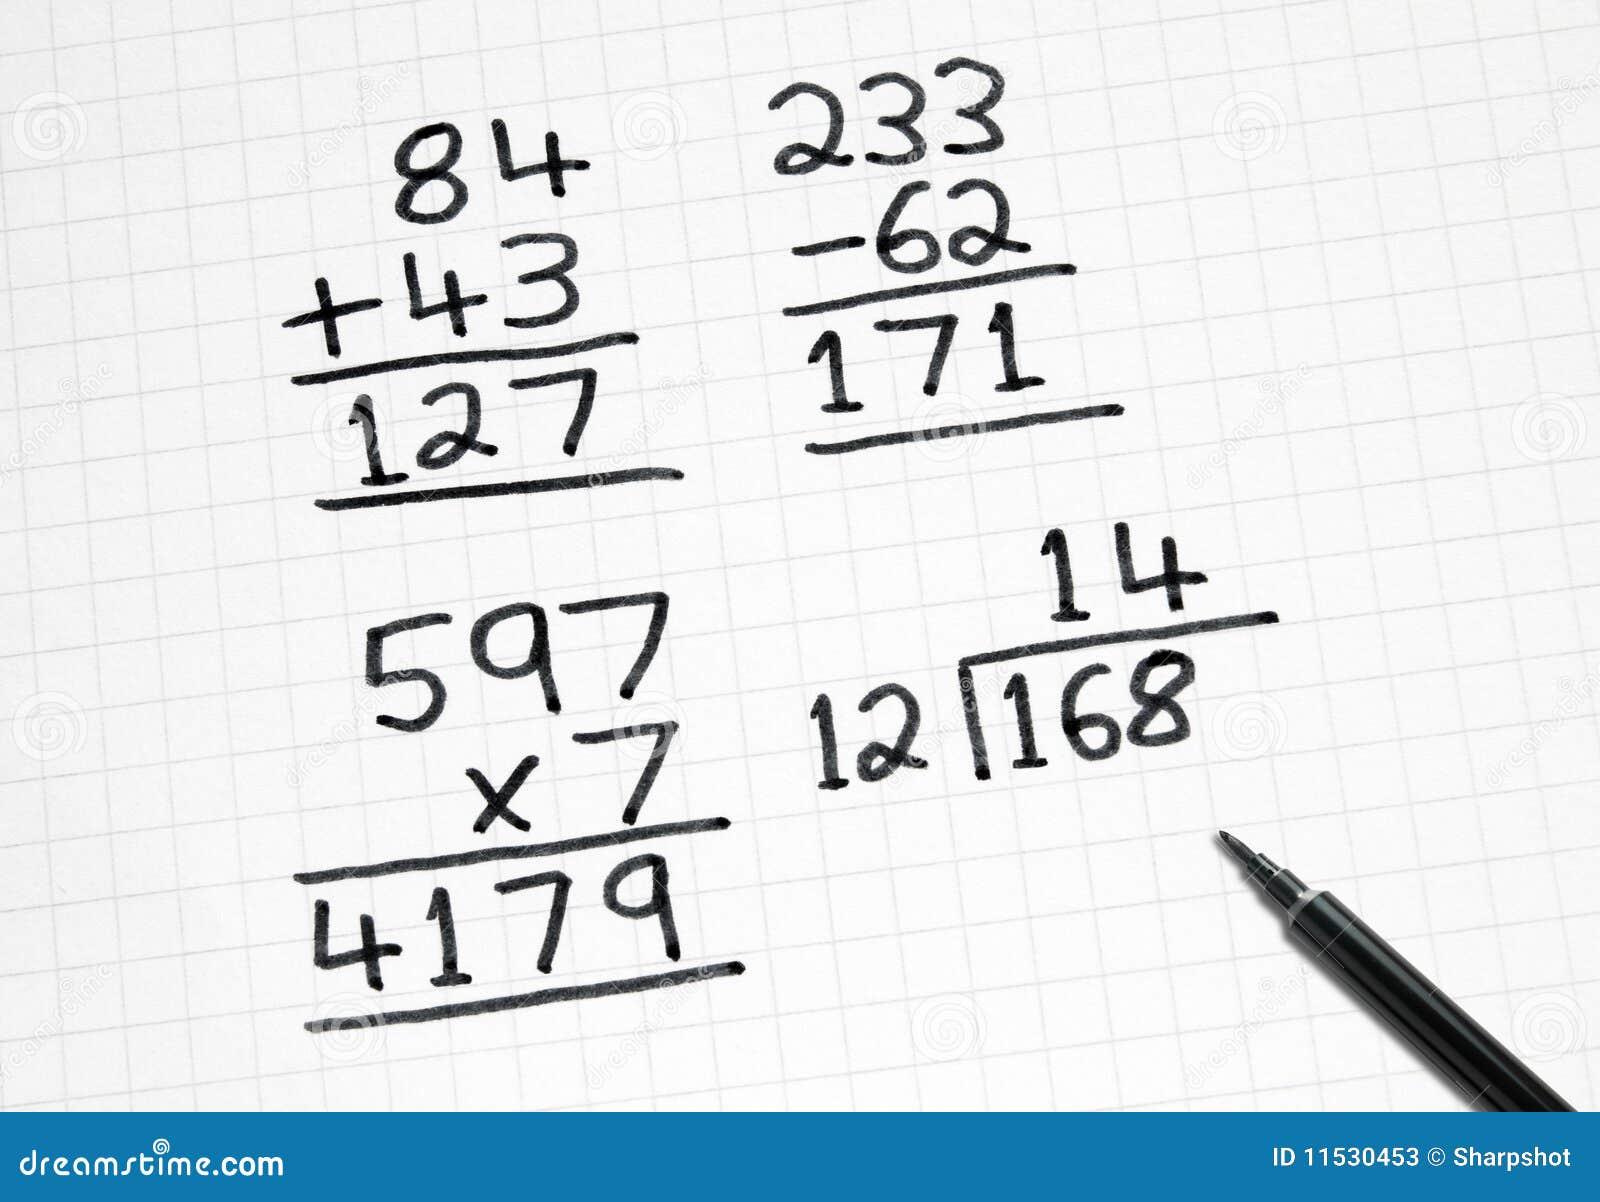 Schreiben der einfachen Mathesummen auf quadratisches Papier.